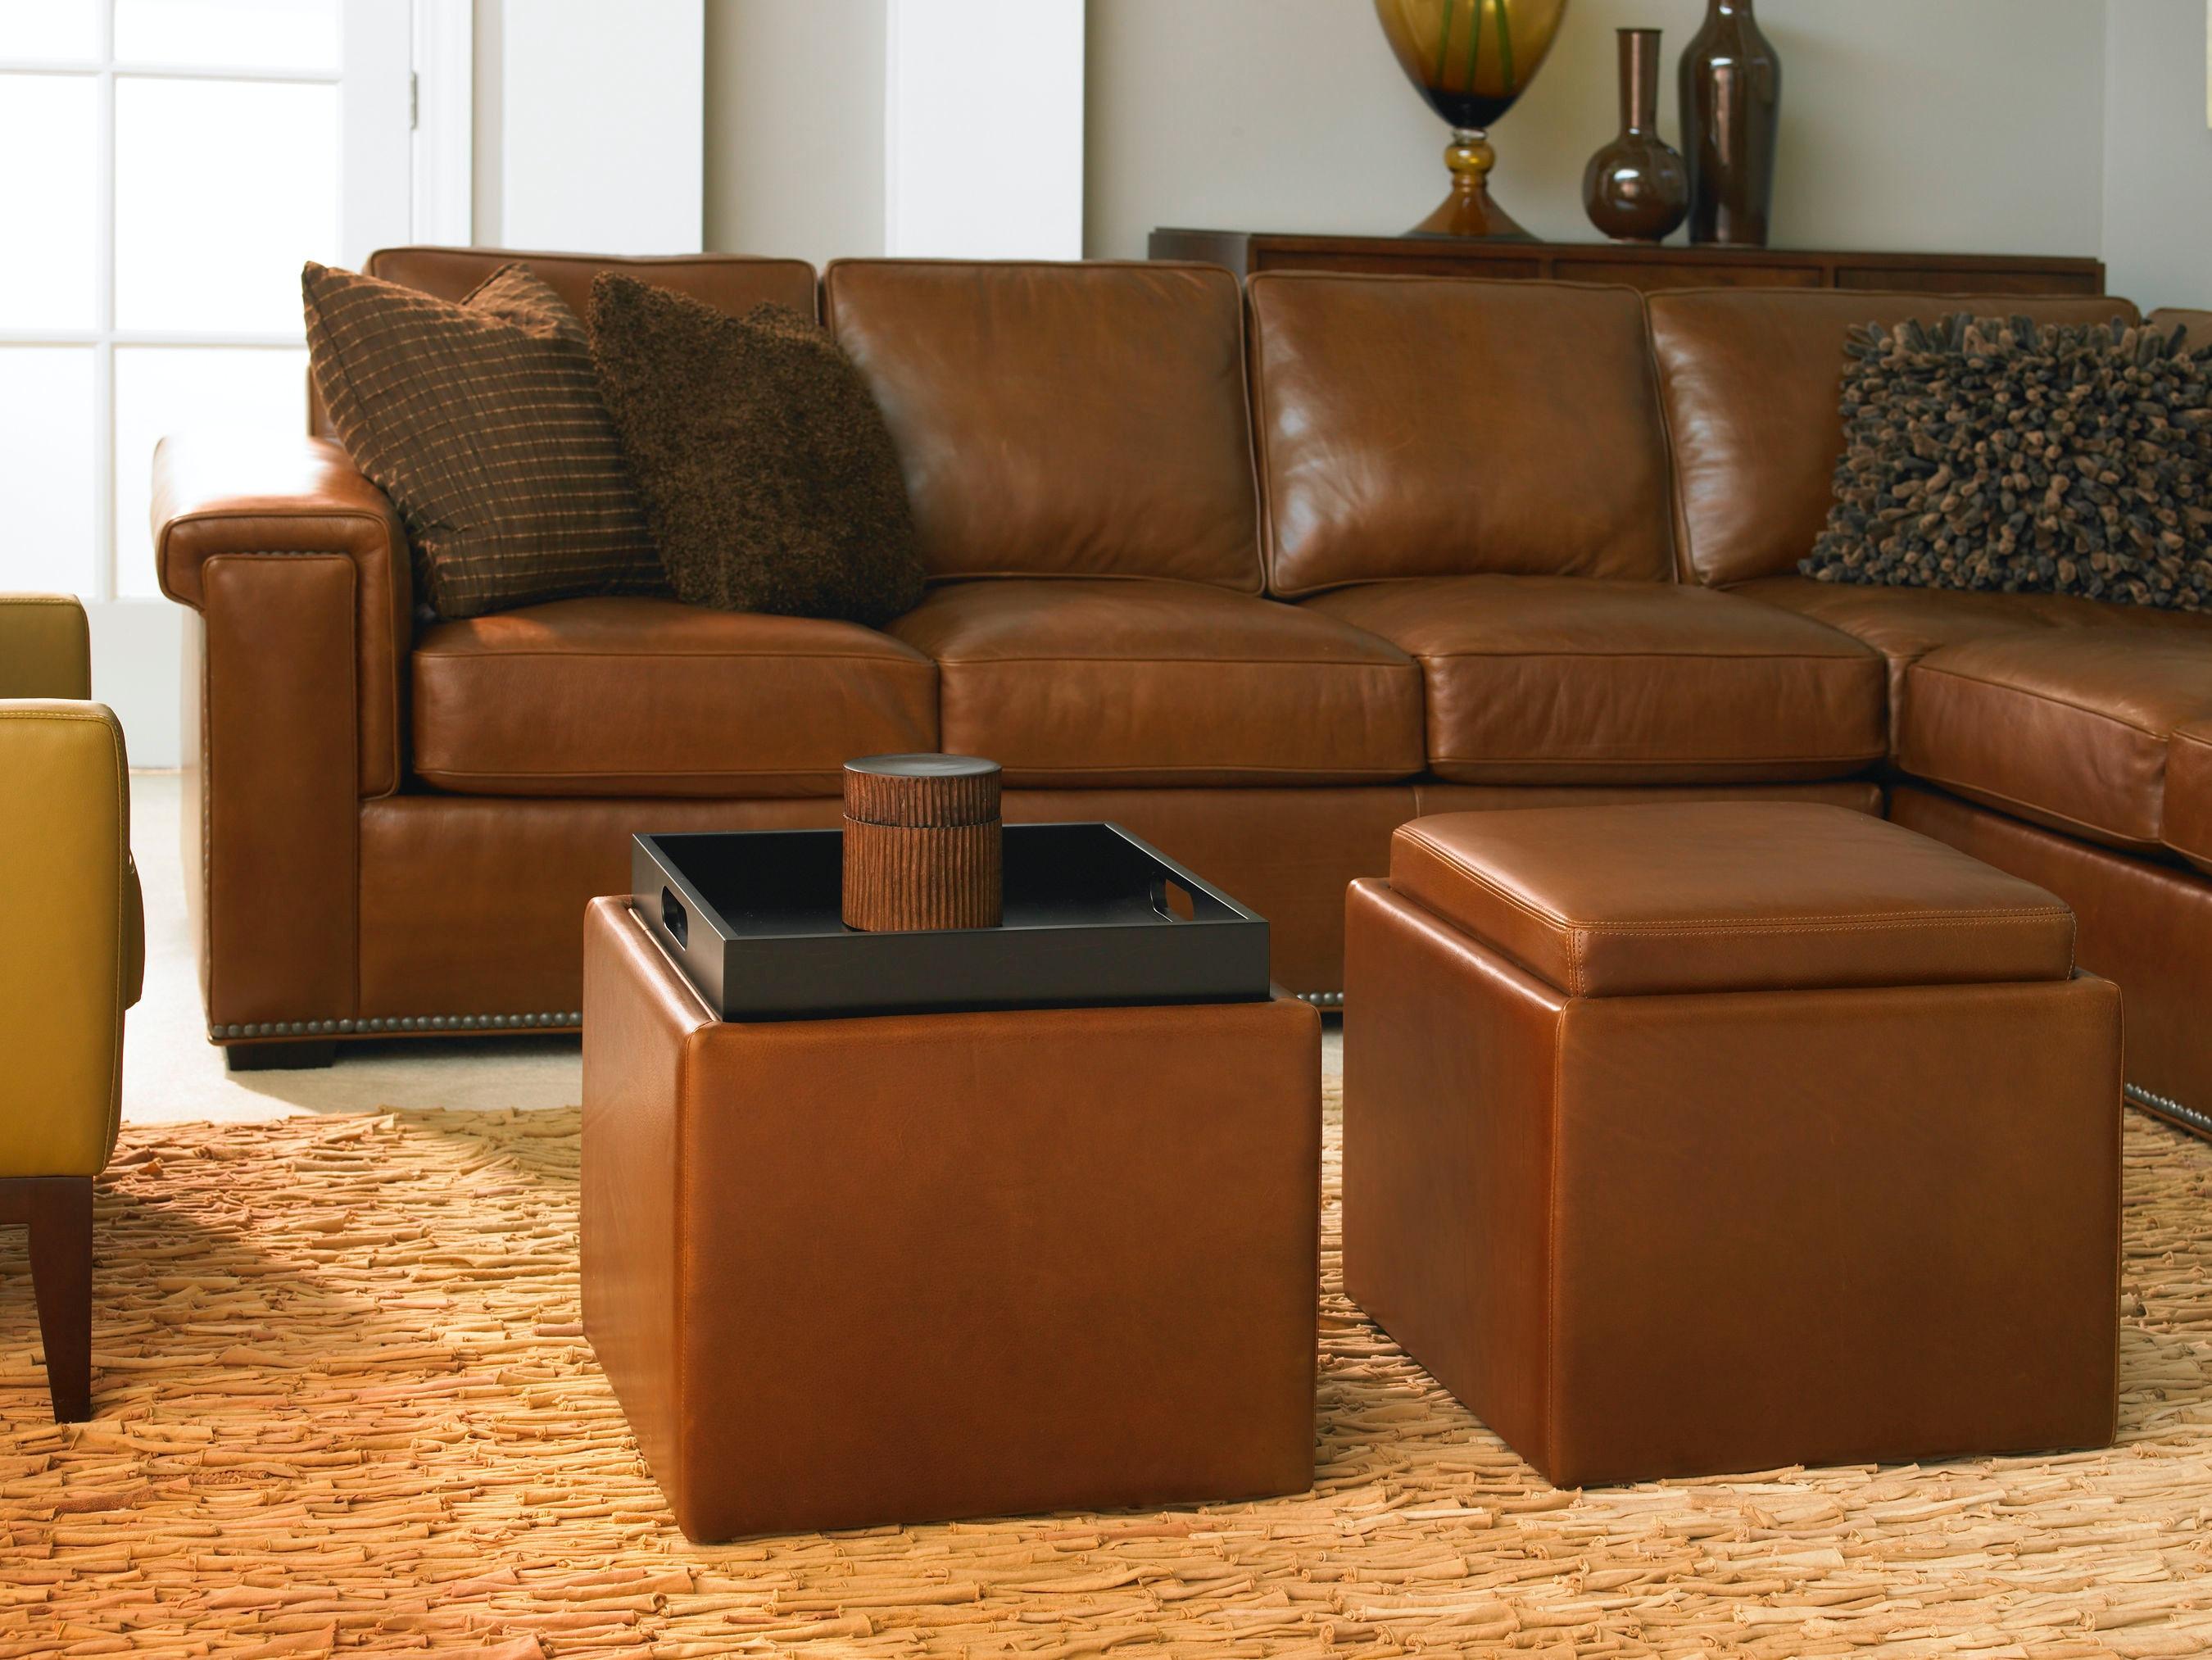 American Leather Uno Oto 18 Living Room Ottoman